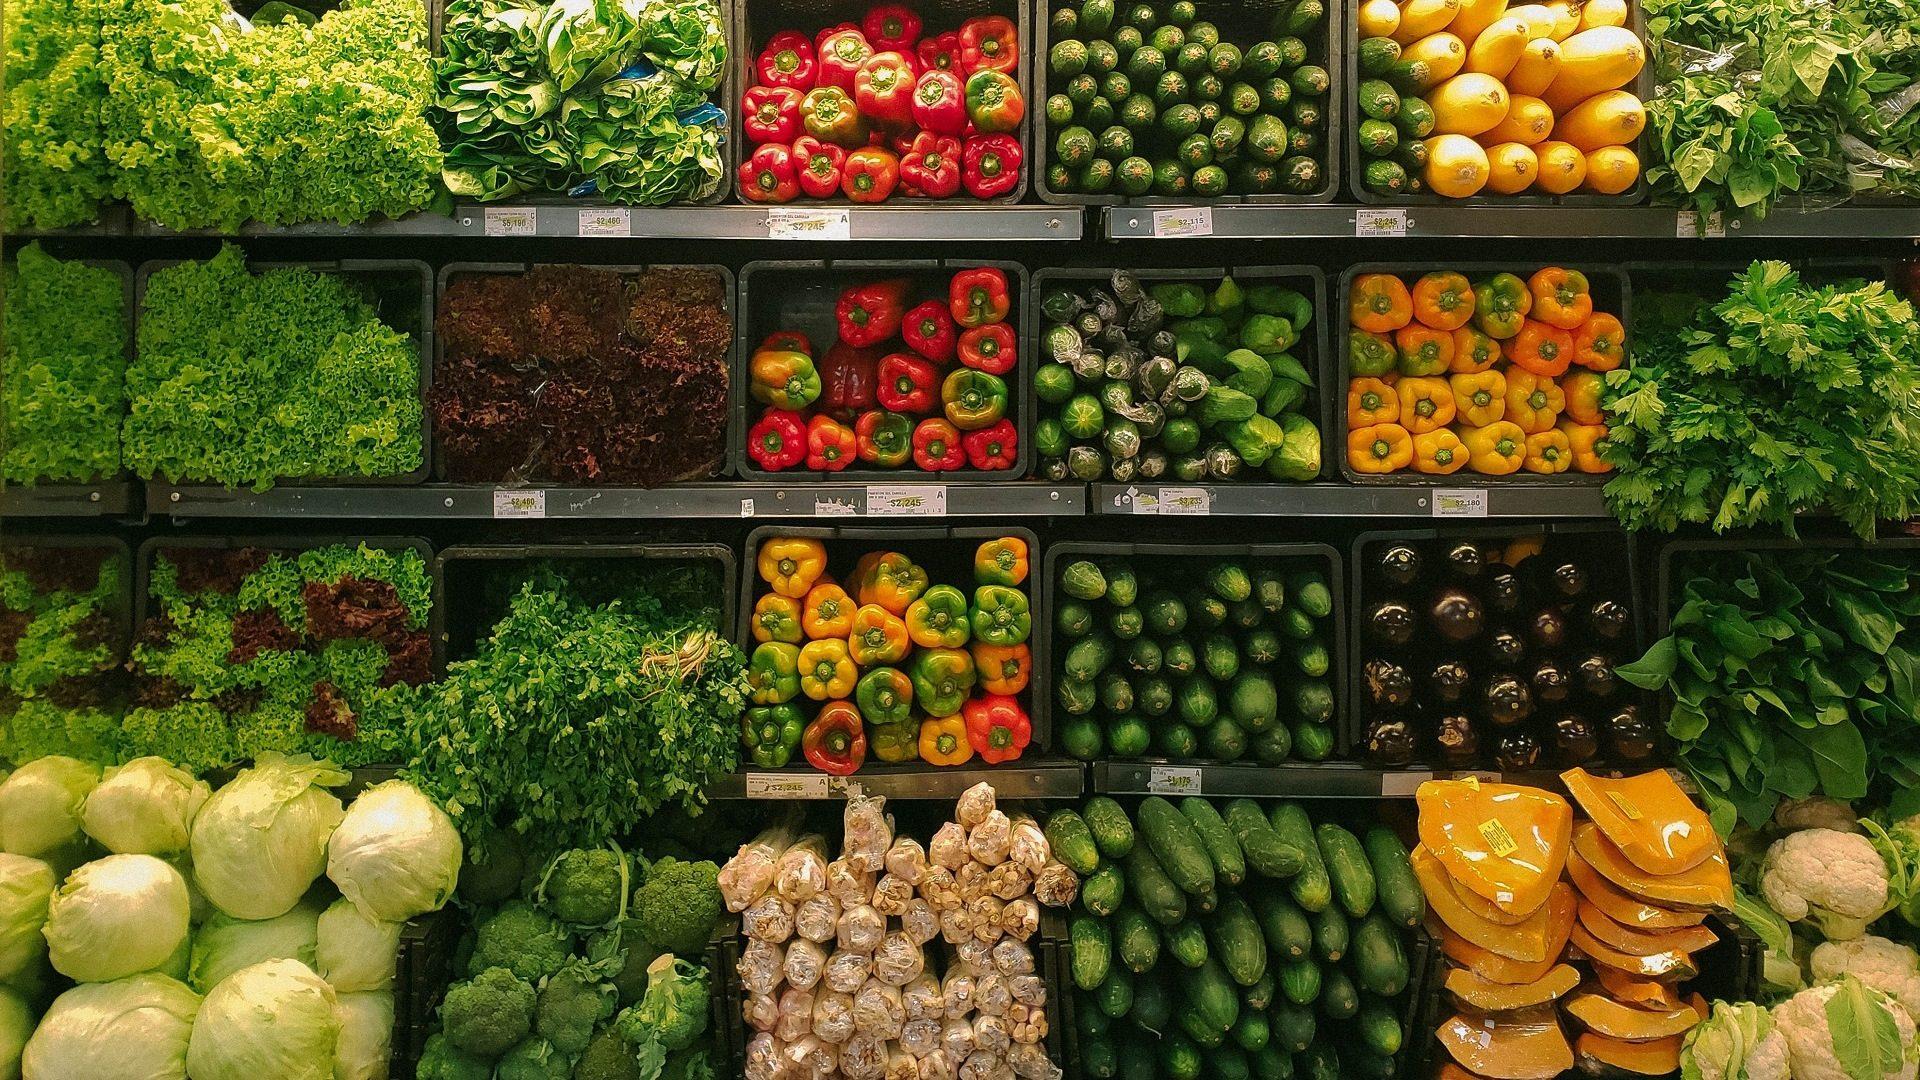 Supermercados Internacionales en Marbella